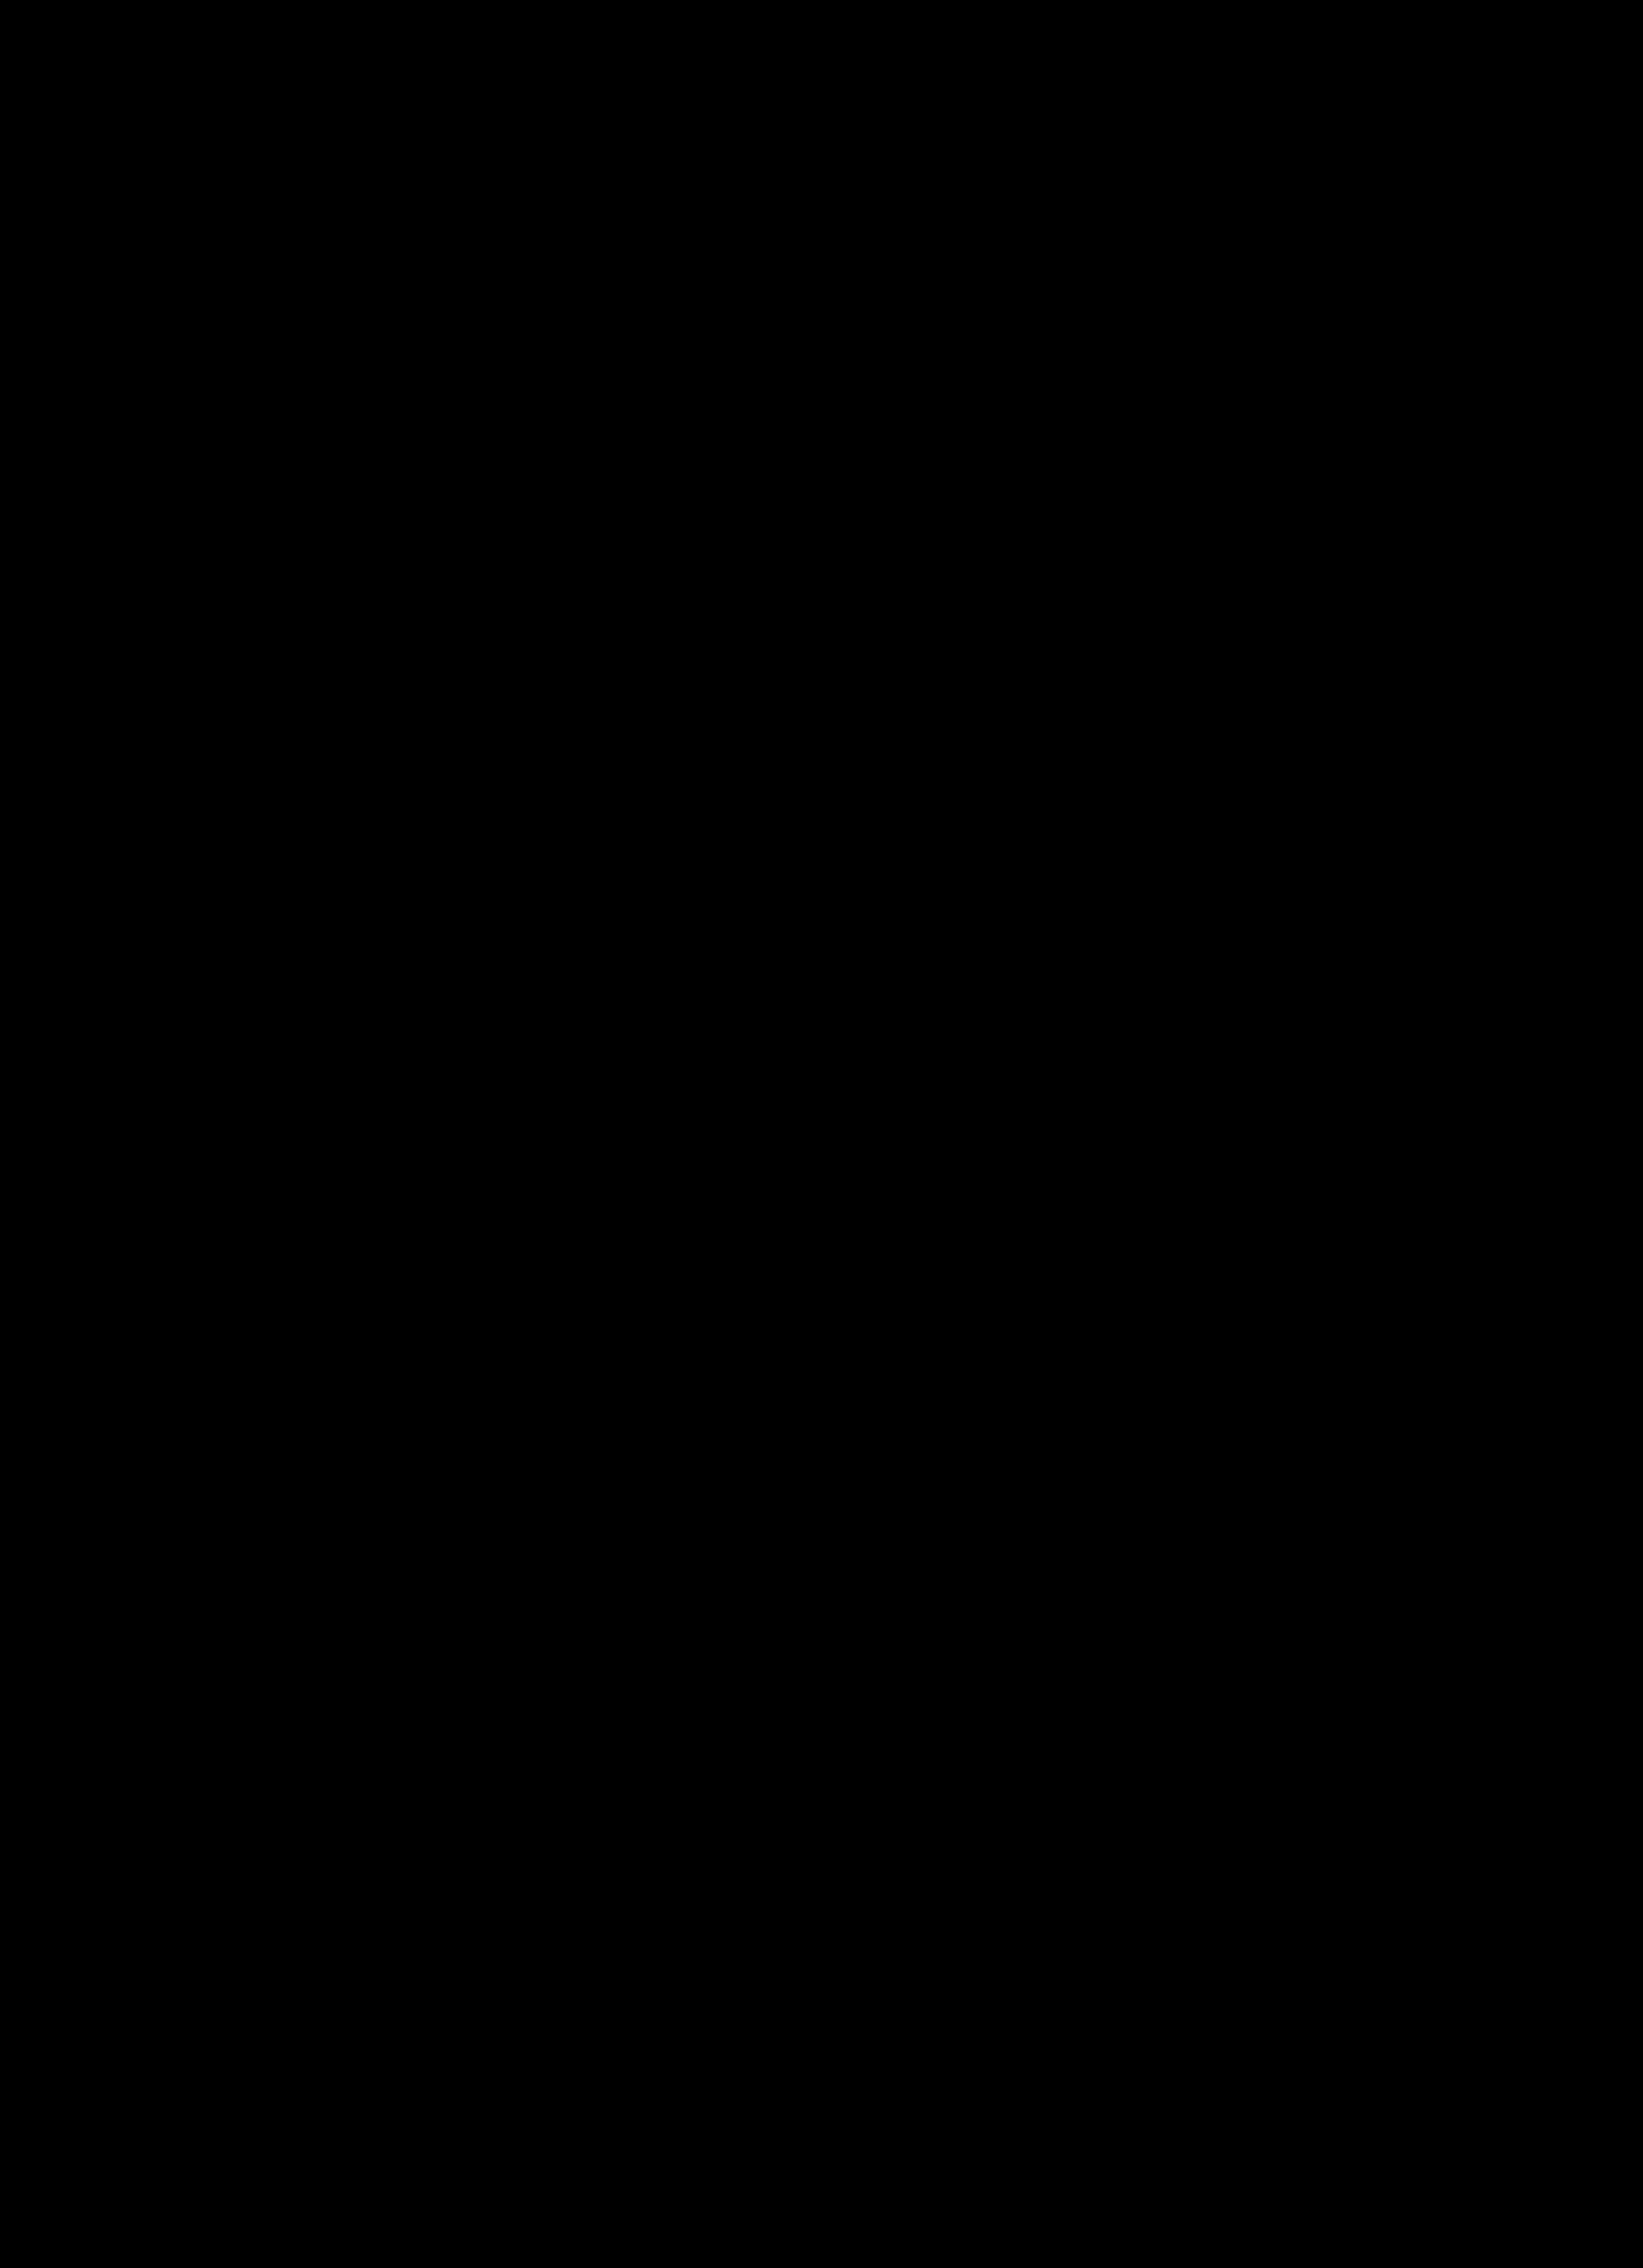 Appunti Chimica Organica per test d'ammissione